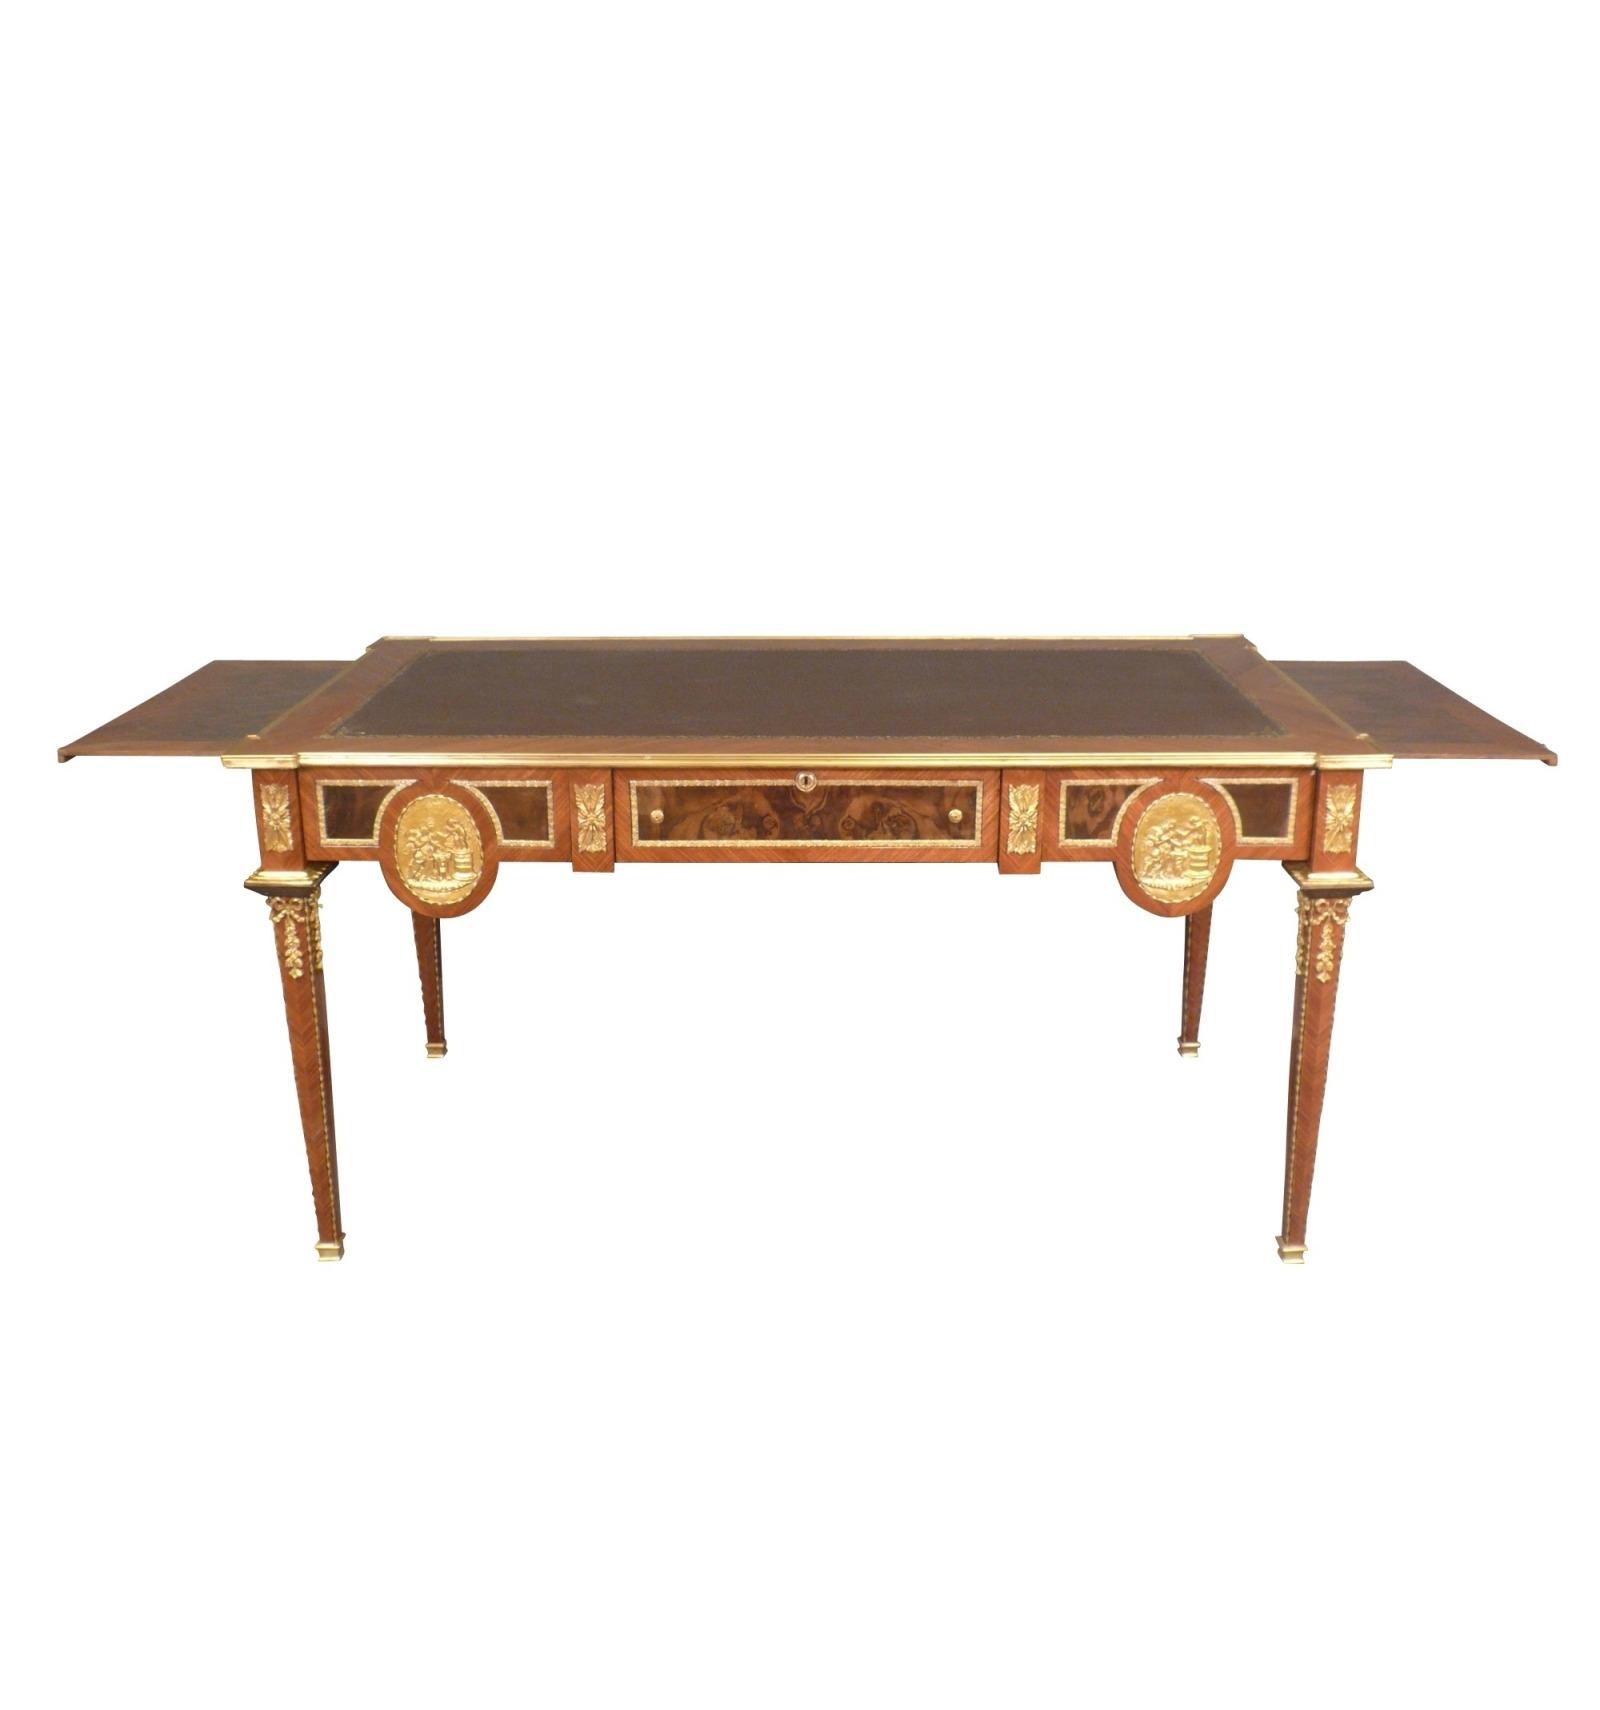 Desk Louis Xvi S Minister Furniture Style Louis Xvi # Bureaux Style Ministre